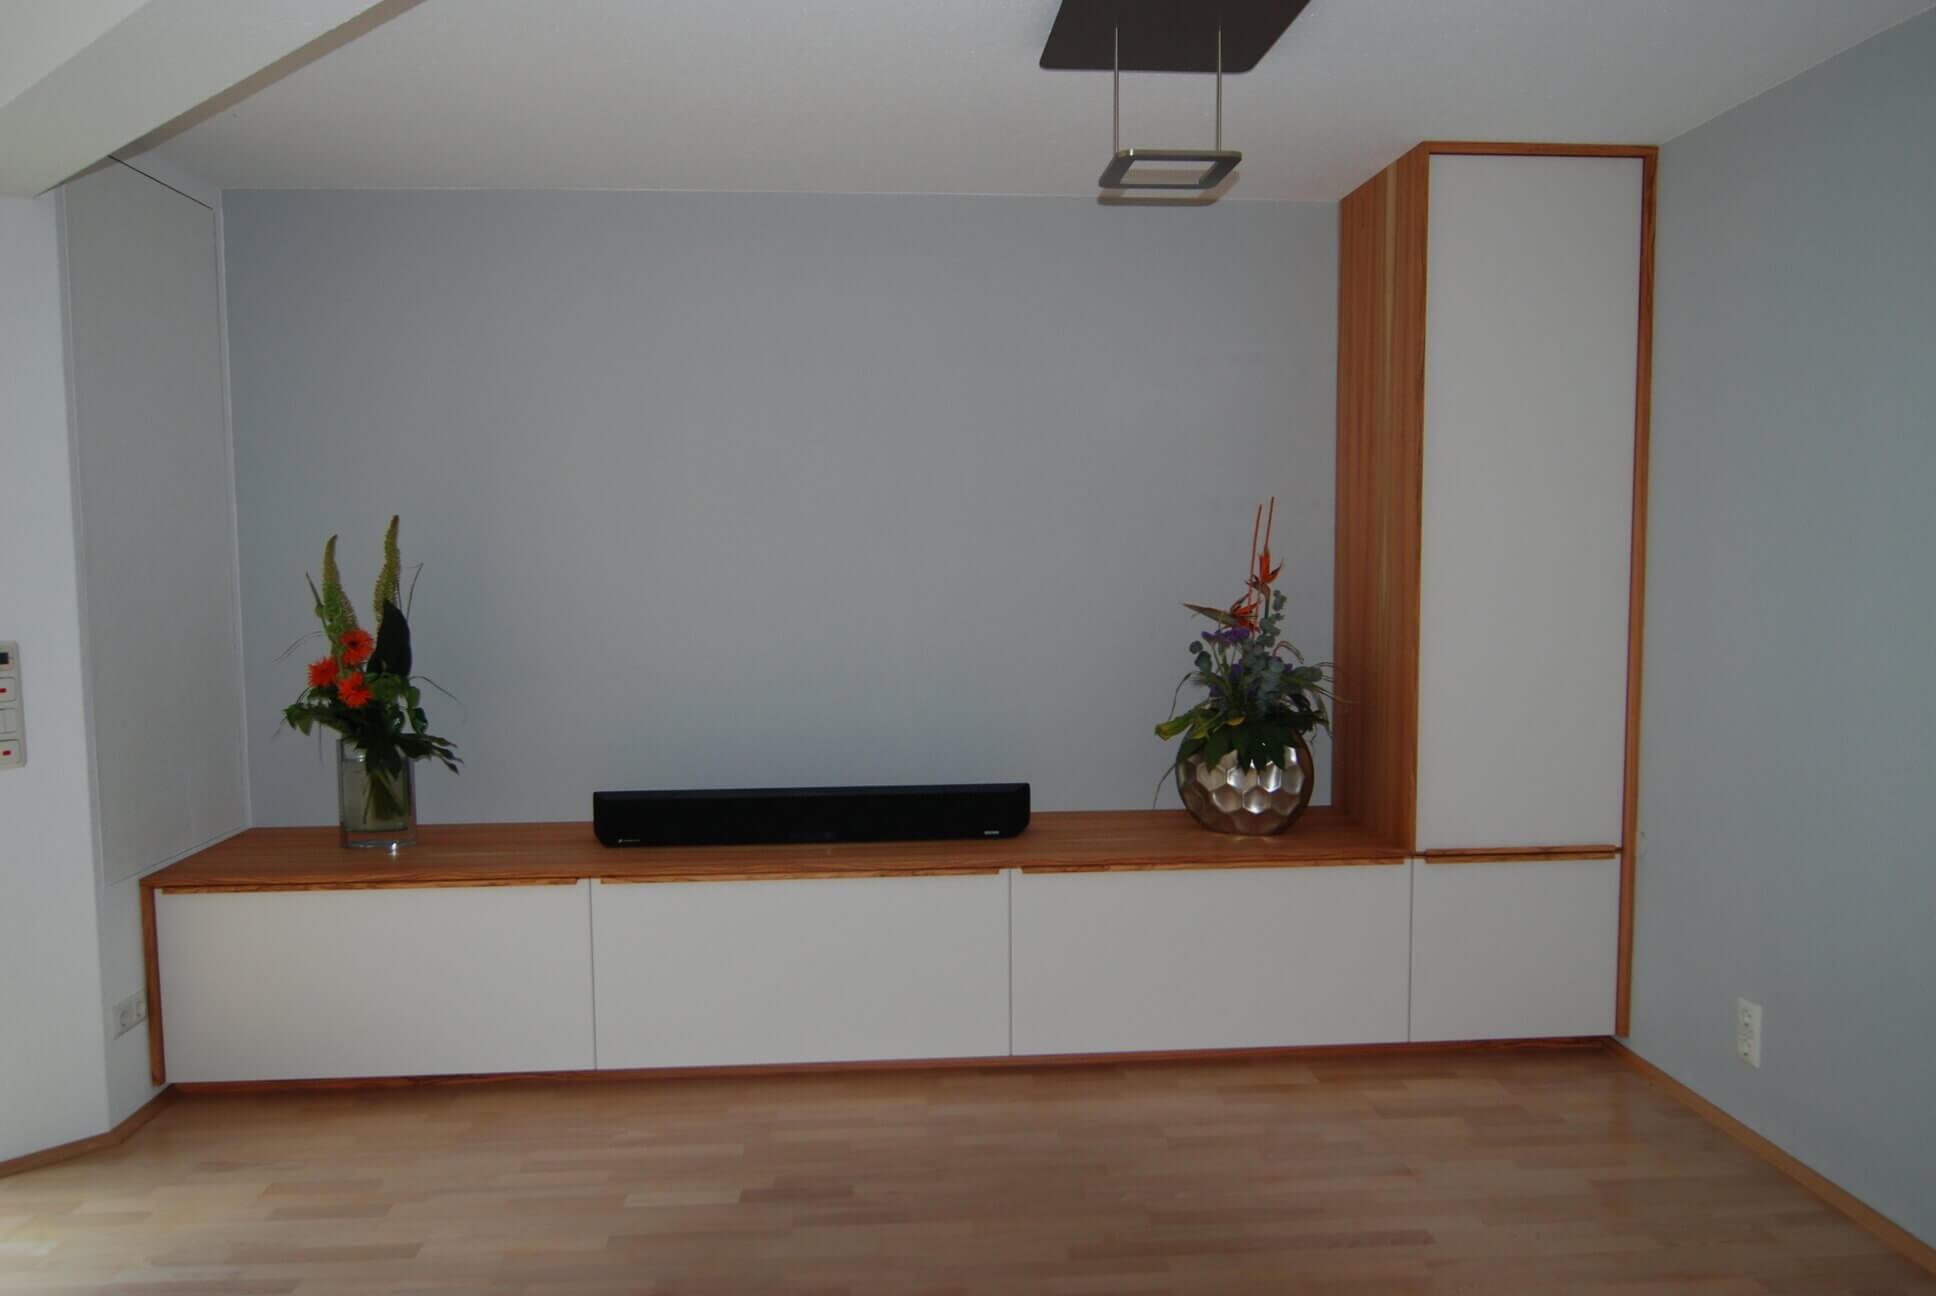 Neugestaltung einer Wohnzimmereinrichtung